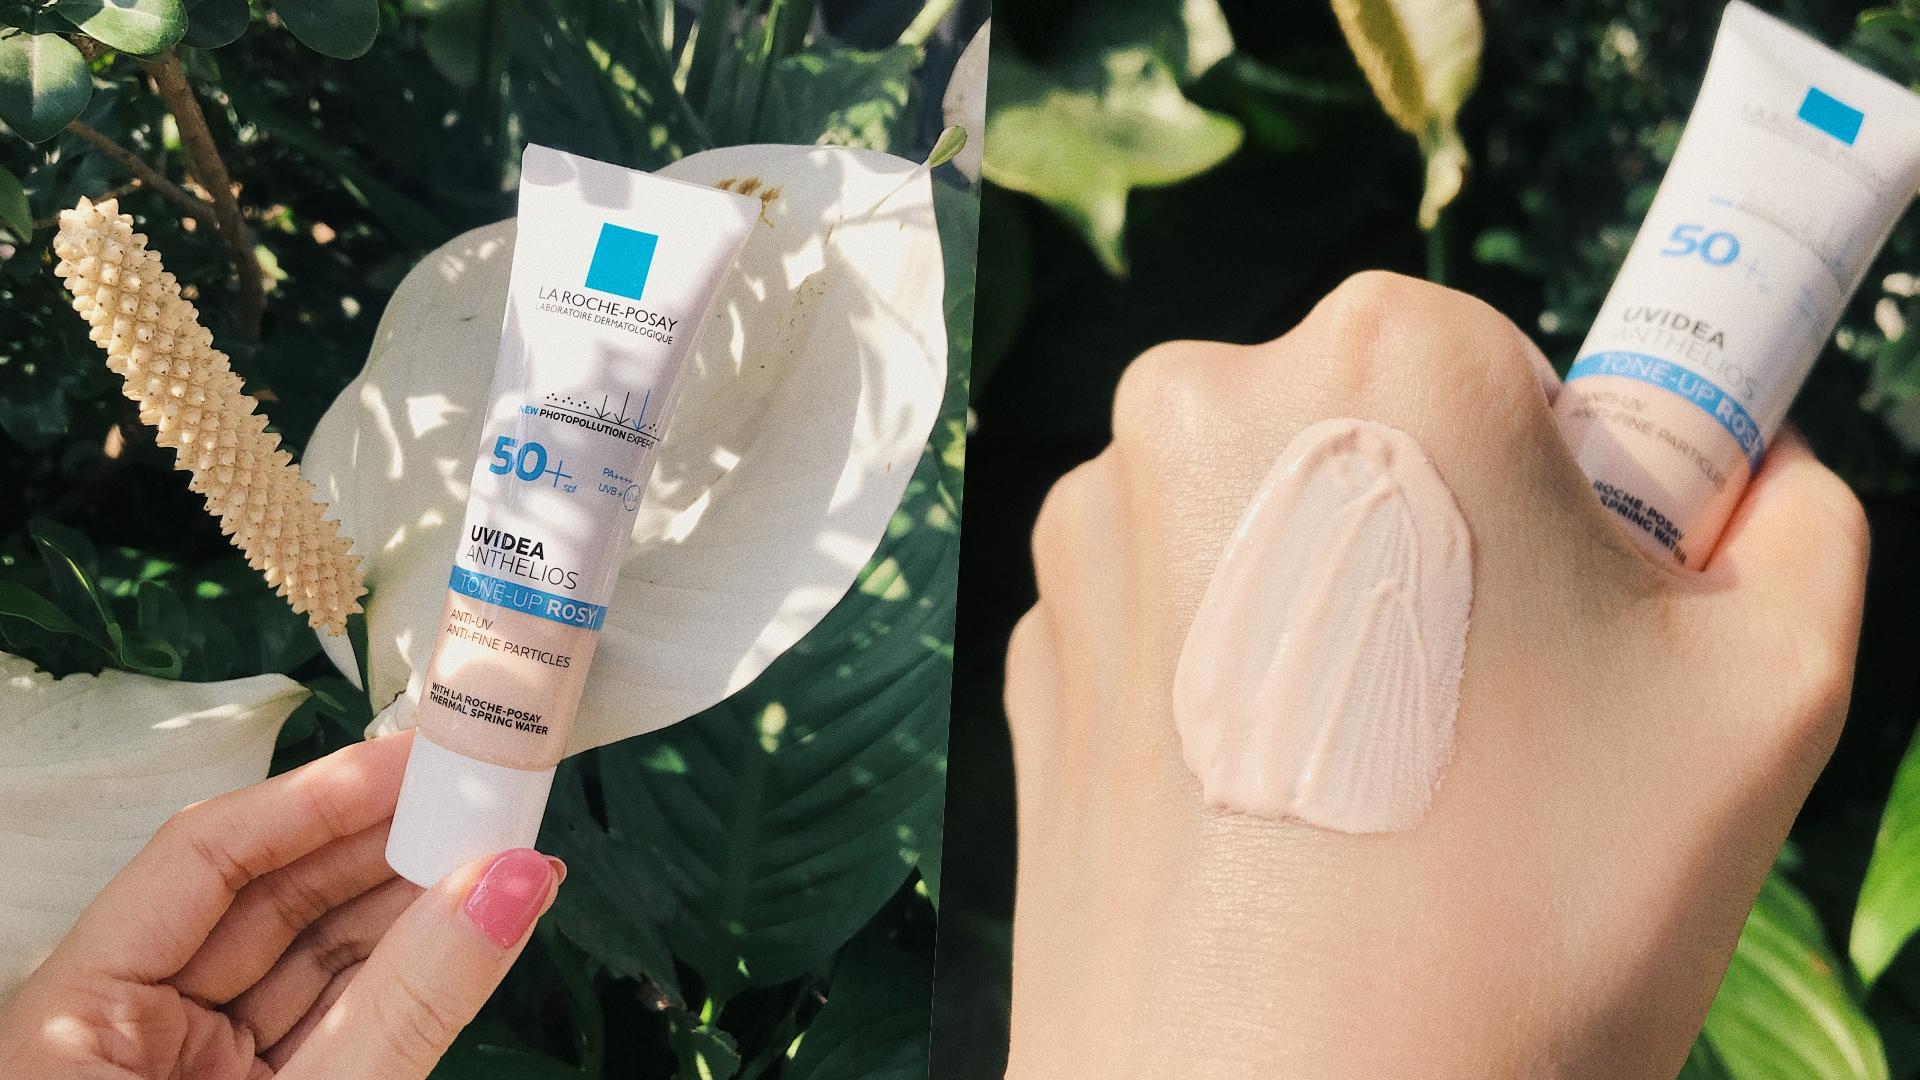 針對會讓肌膚「曬黑曬老」的長波UVA做防護,並且不添加香精和防腐劑,讓敏感肌使用起來超放心!而且今年這款還特別添加玫瑰色的高效亮顏成分